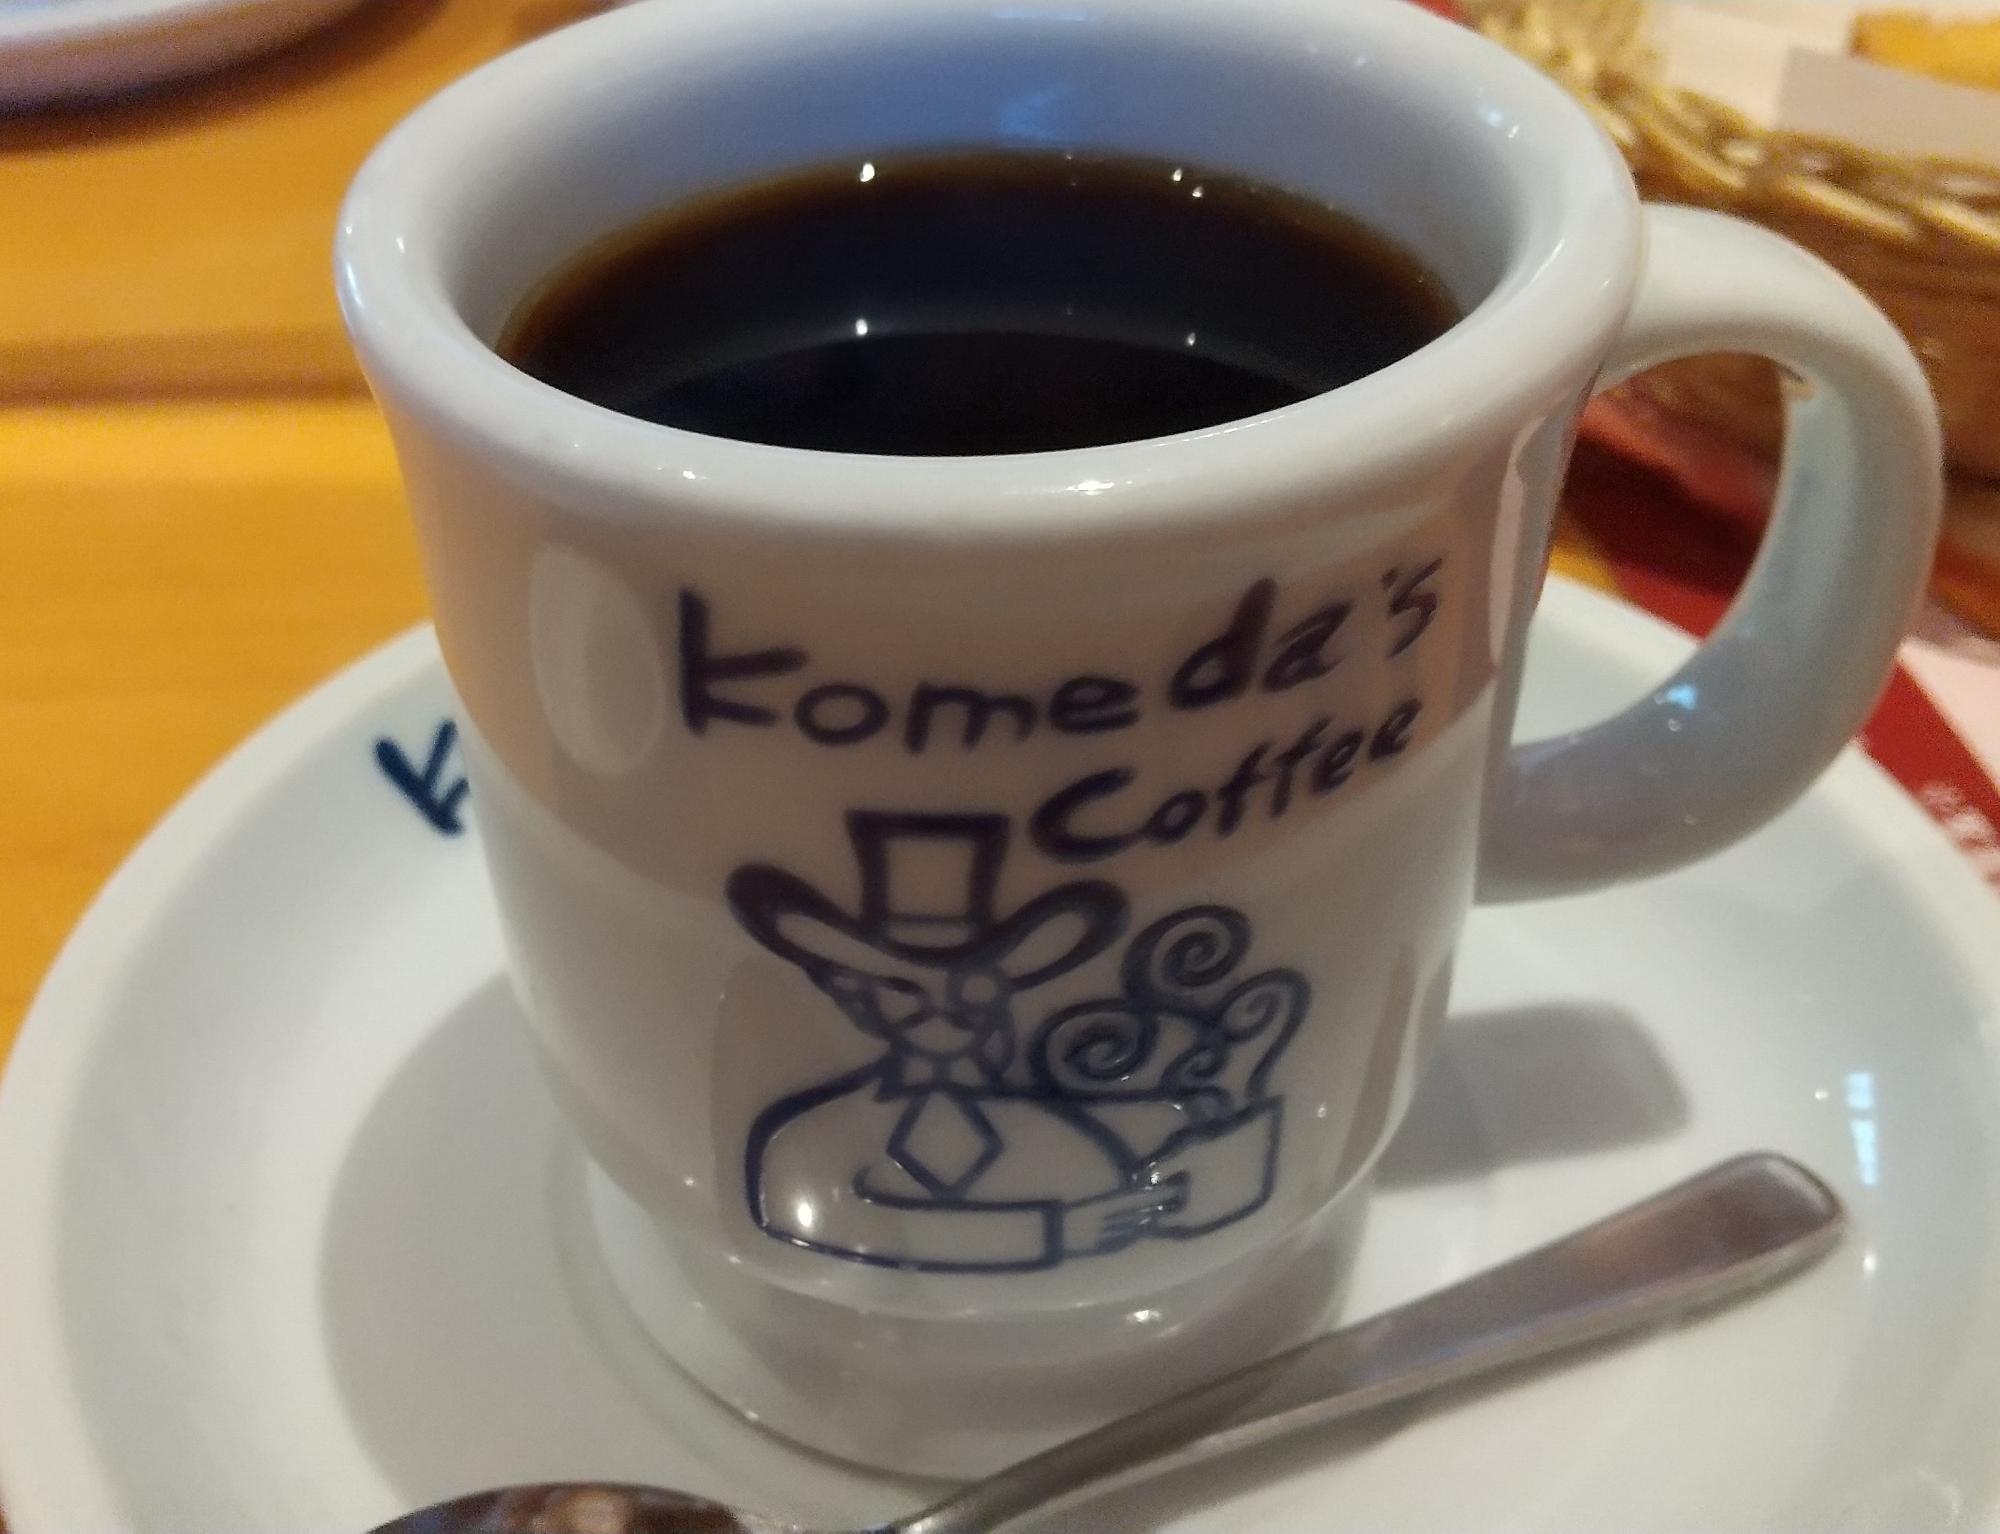 持ち重りする、飲んでていてほっとする昭和レトロなカップは有田焼